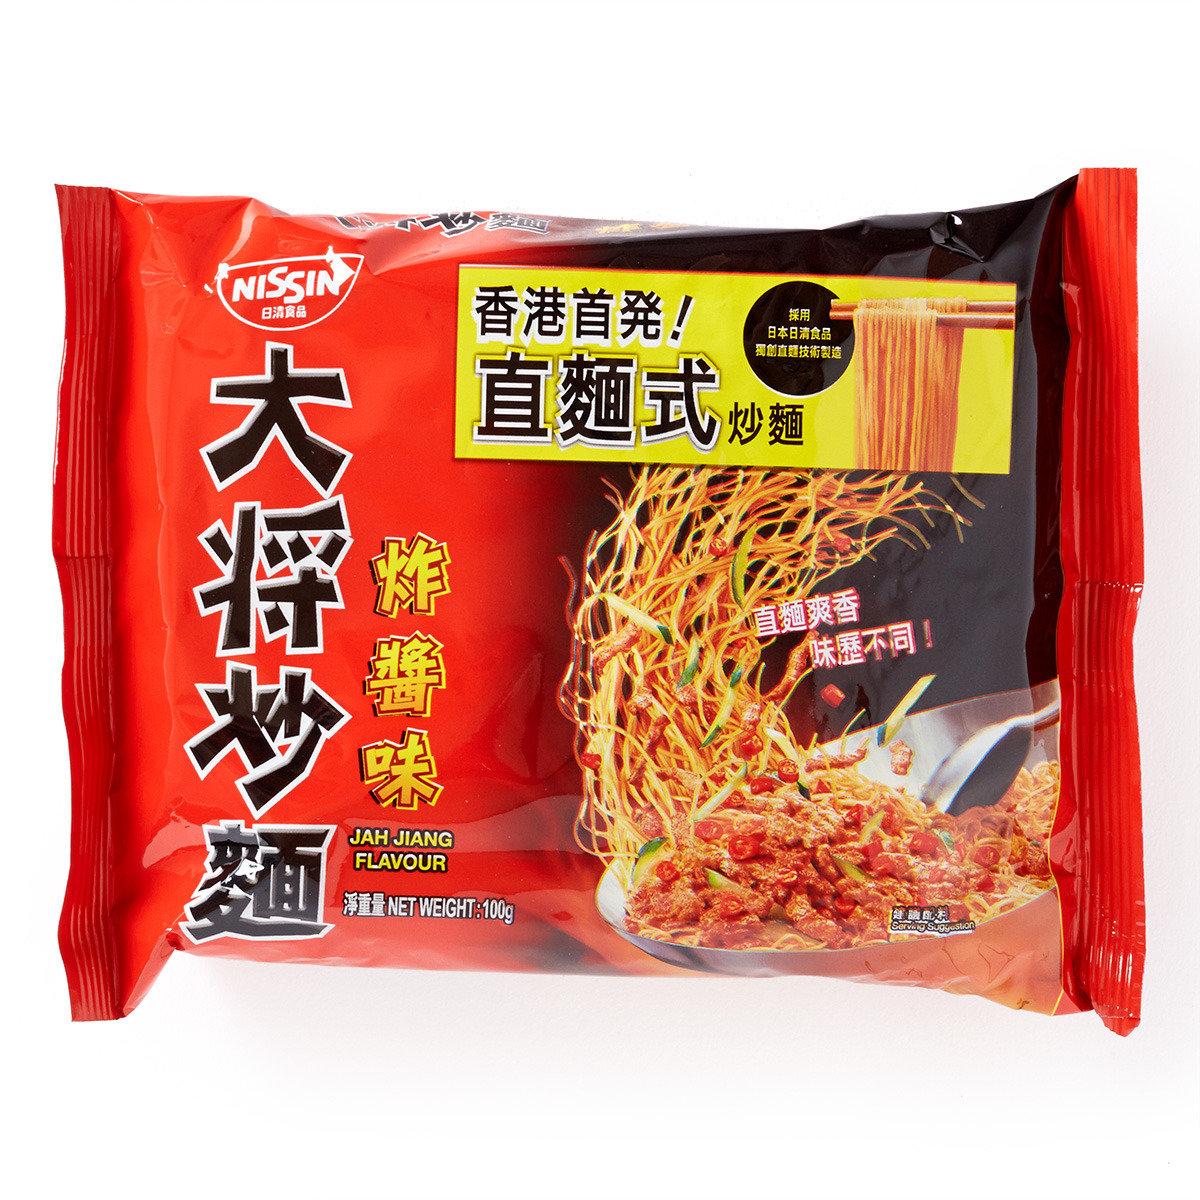 大將炒麵 - 炸醬味 (包裝)